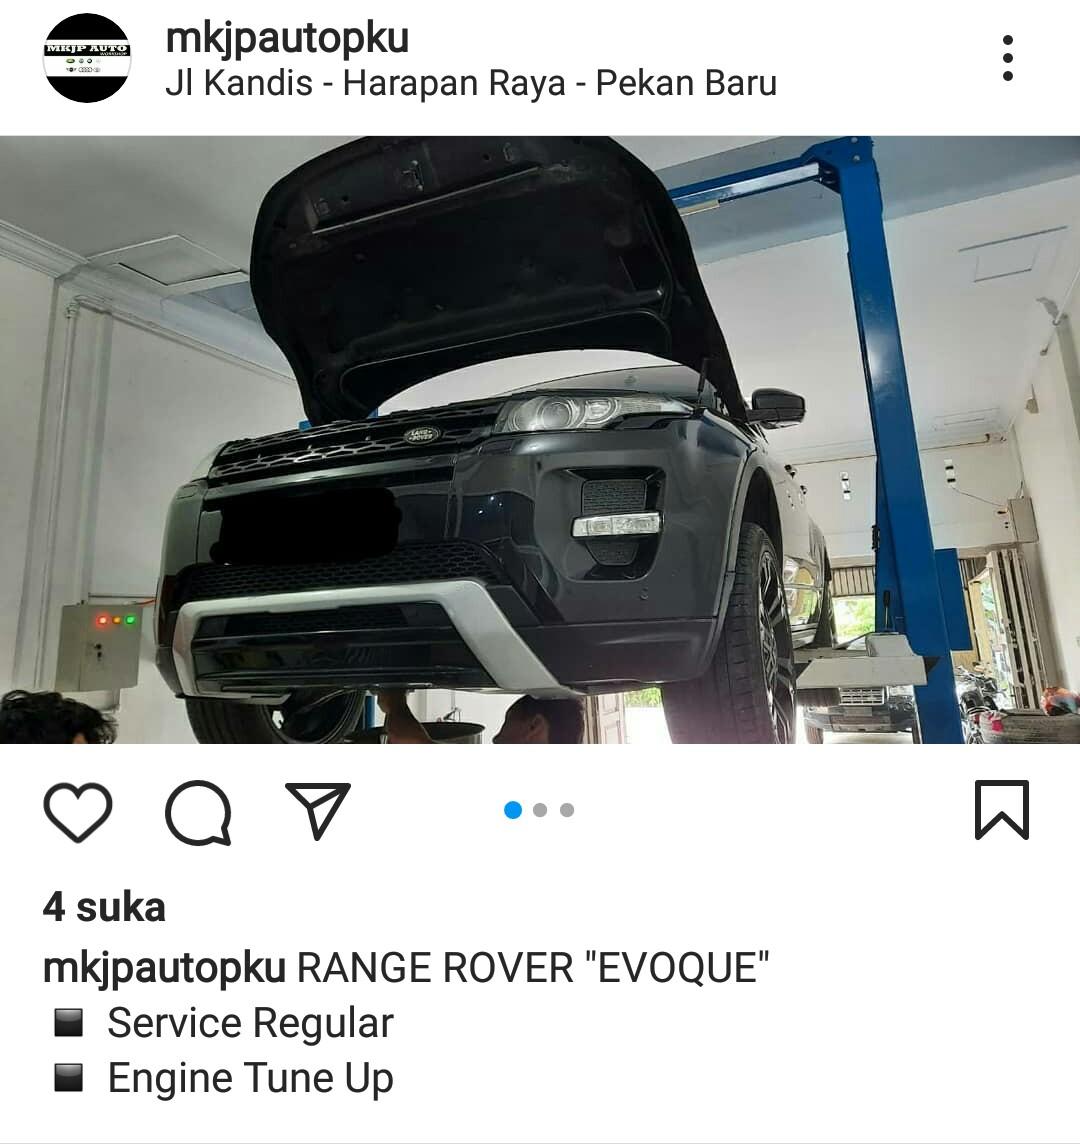 WhatsApp Image 2021 07 28 at 09.47.39 1 - MKJP  AUTO WORKSHOP - Bengkel Mobil Terdekat Daerah Harapan Raya Pekanbaru